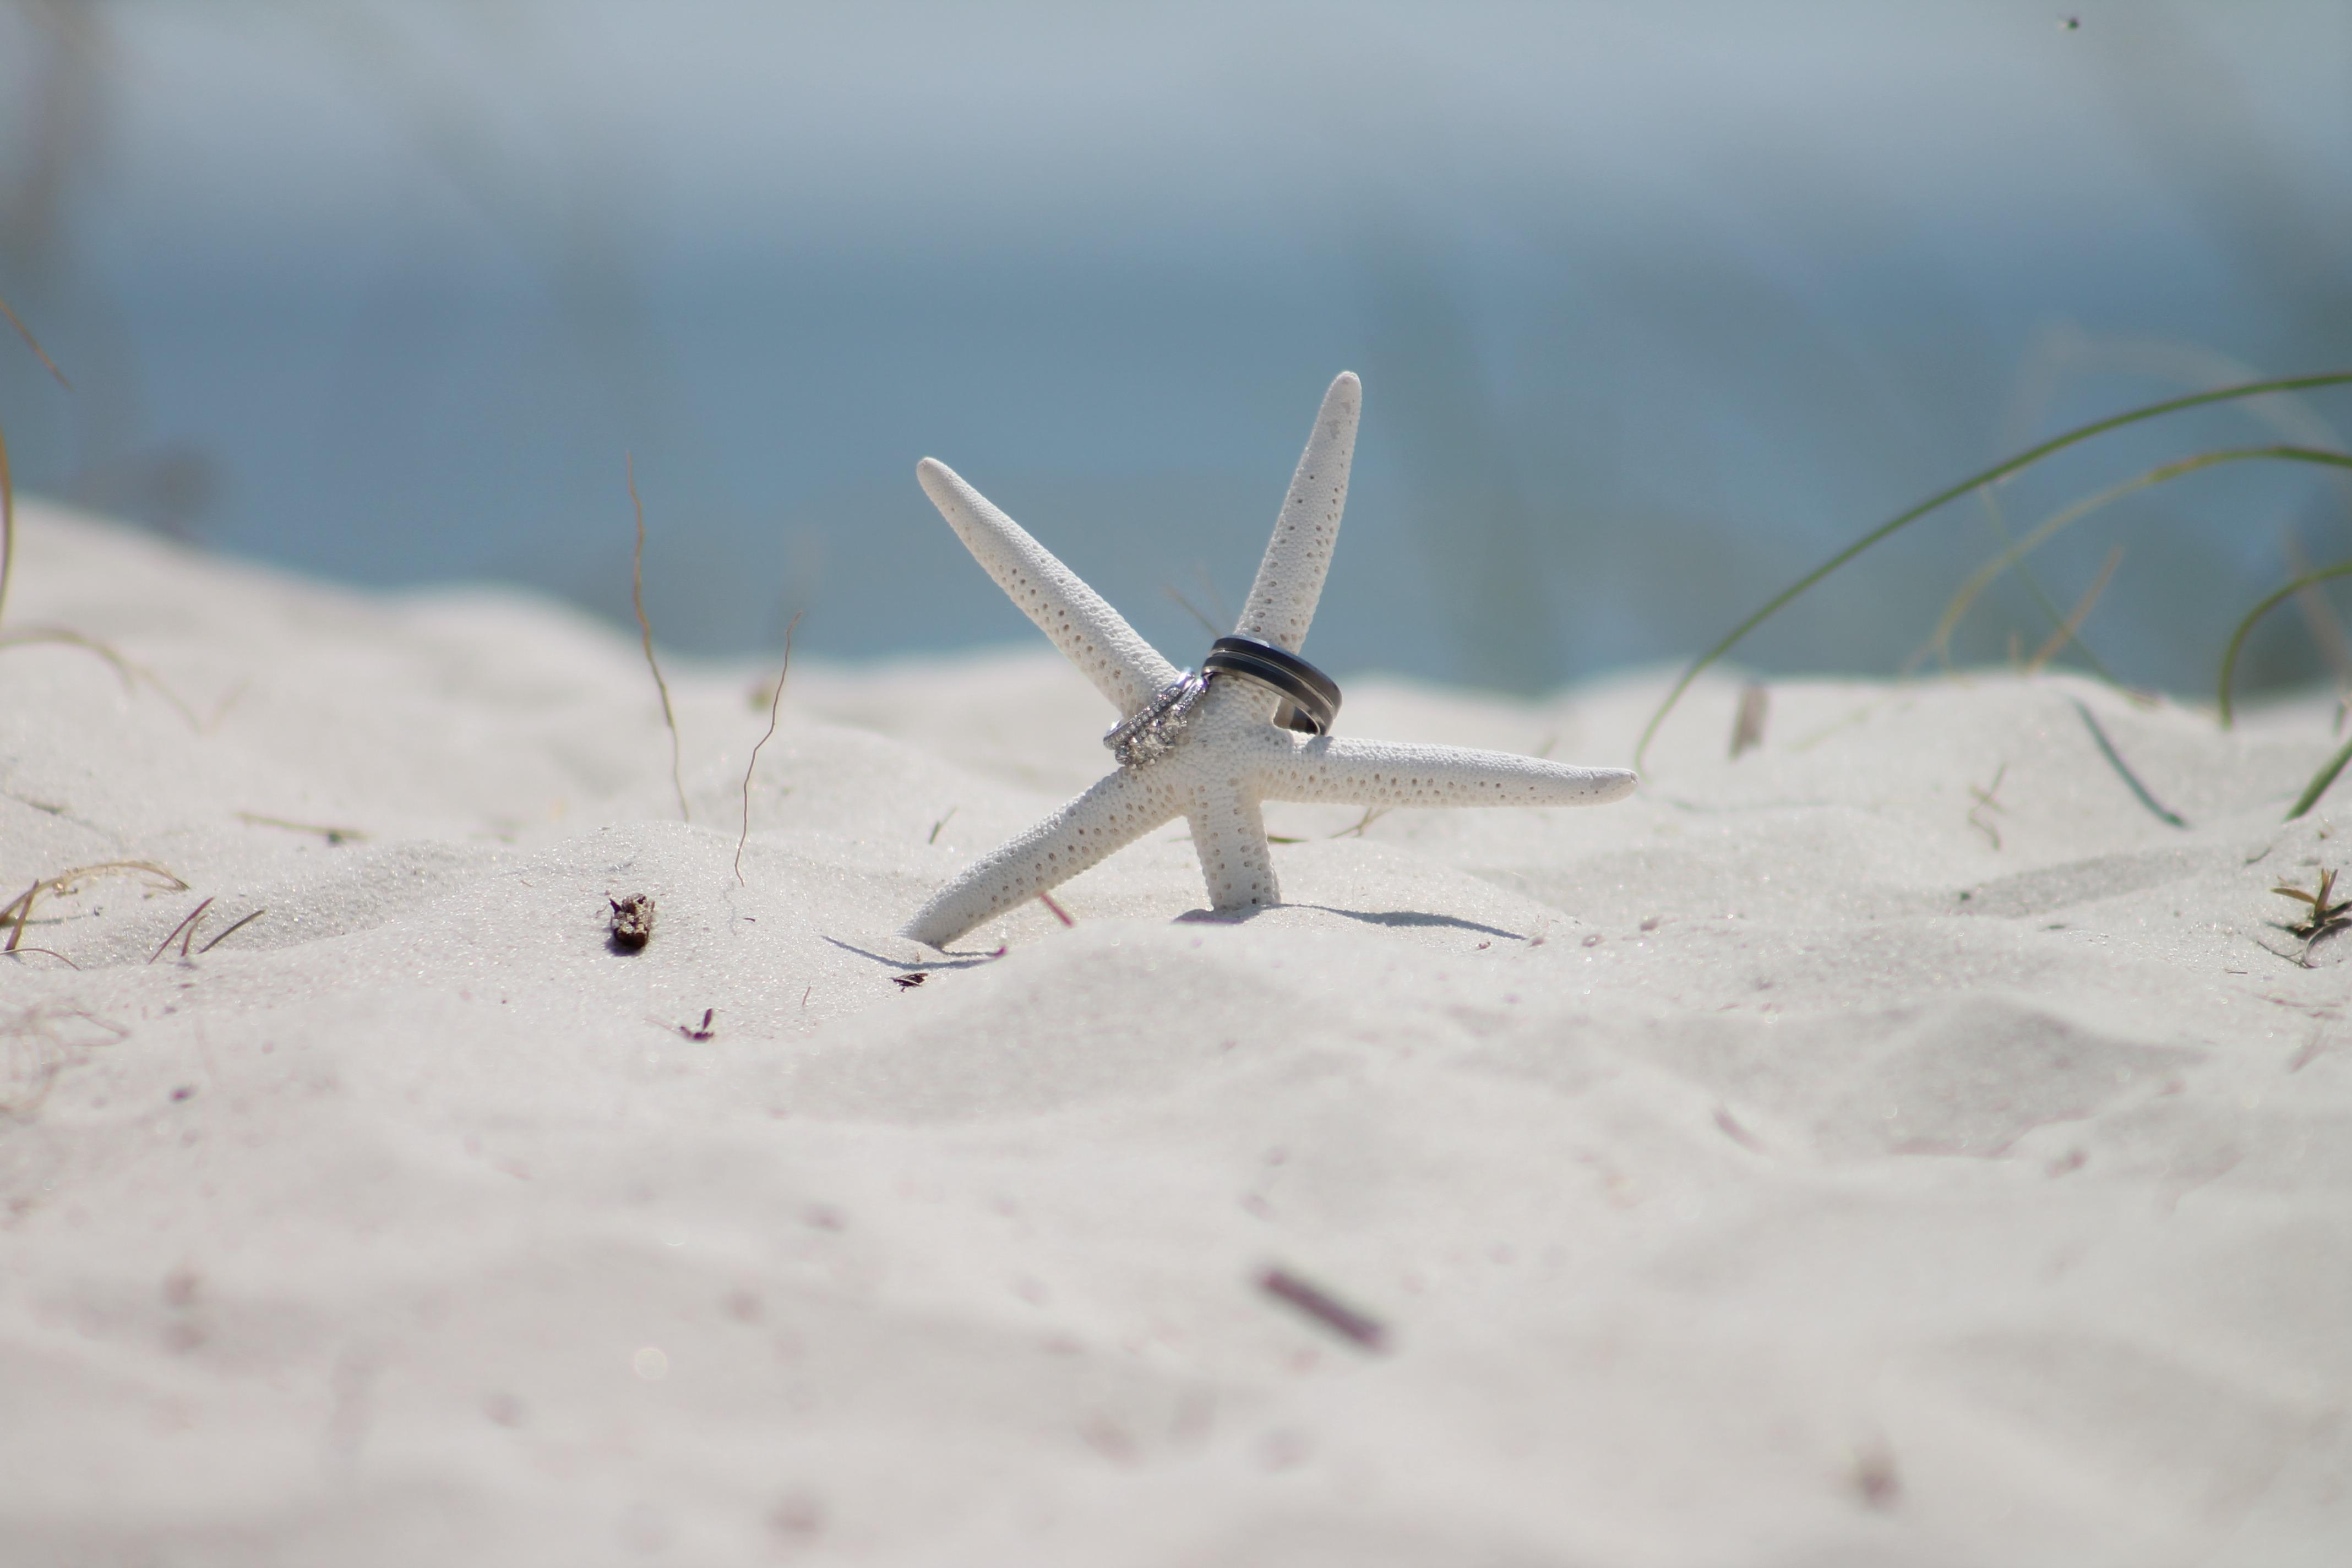 Matrimonio Spiaggia Inverno : Immagini belle : spiaggia sabbia la neve inverno ala vento